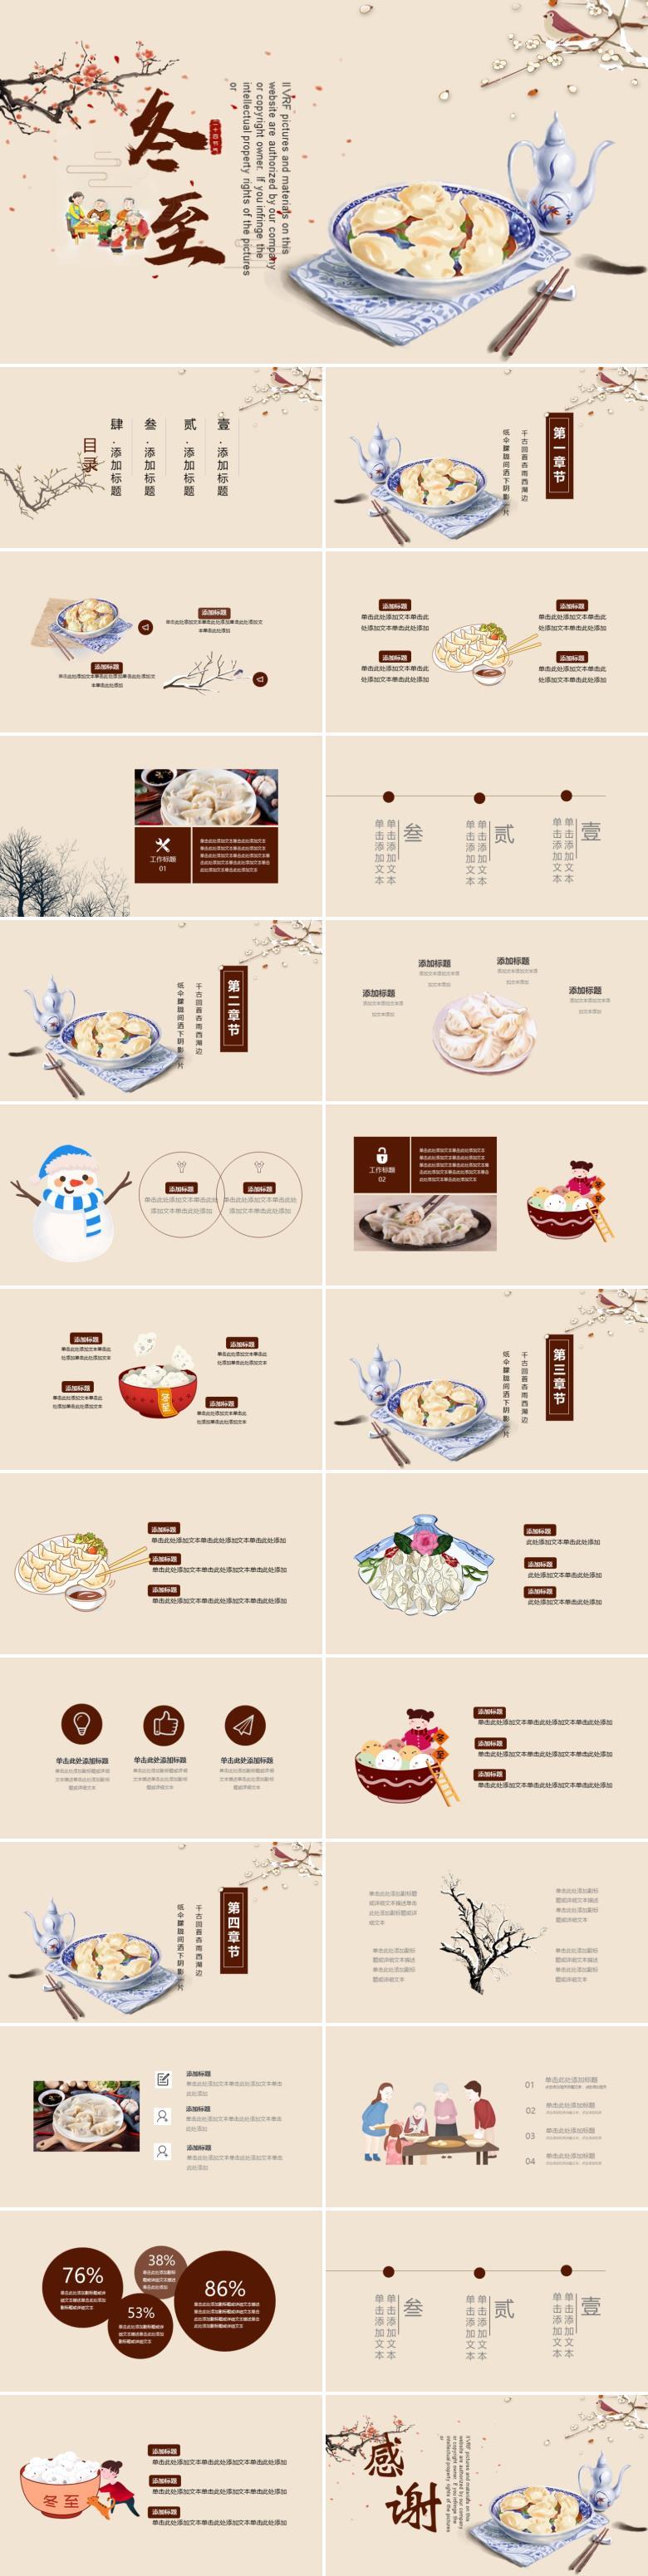 中国风传统水饺二十四节气之冬至PPT模板_2.jpg